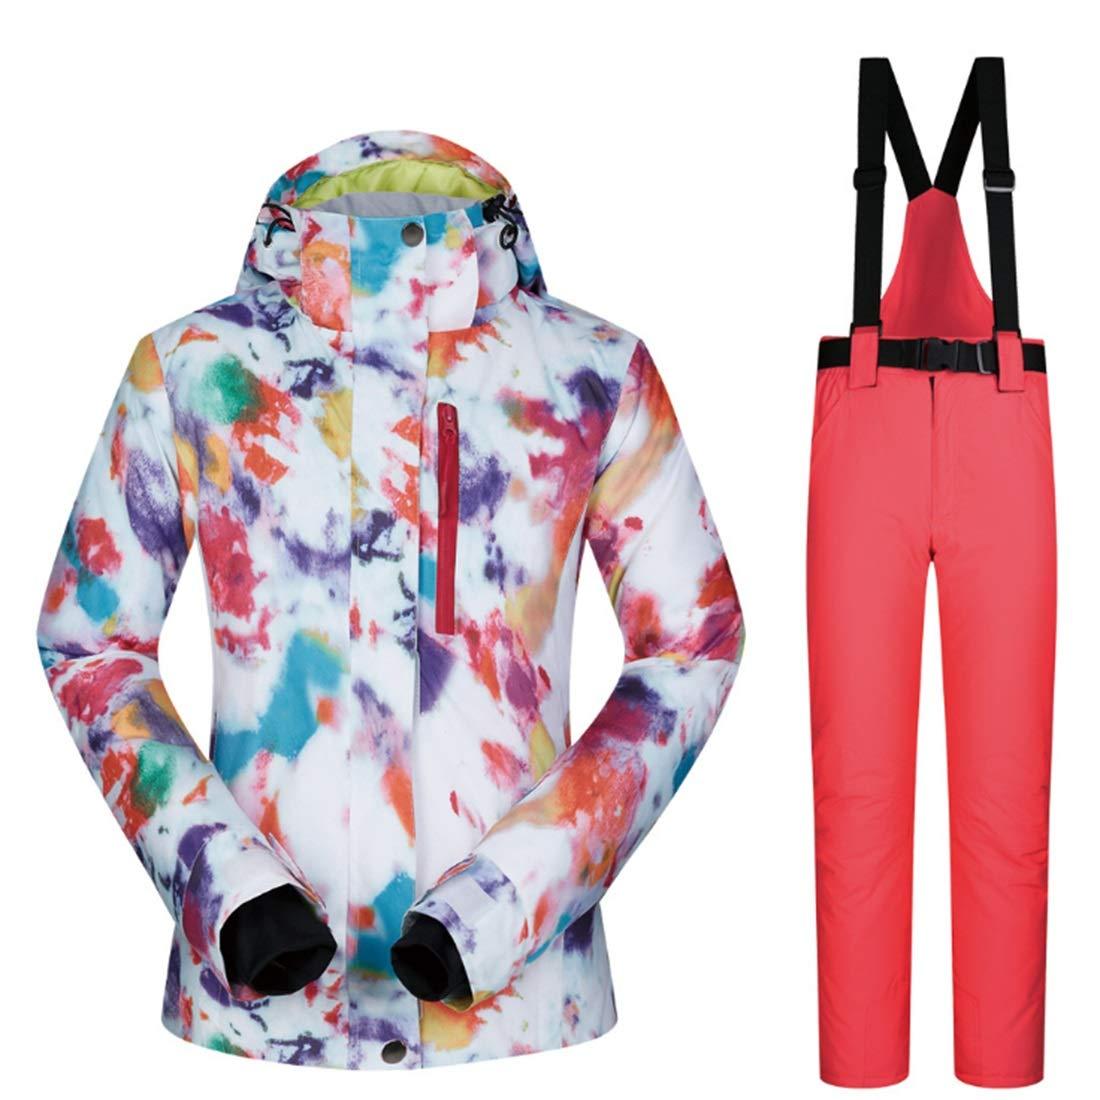 Zebuakuade Snowsuit da Donna Donna Donna Invernale Antivento e Impermeabile con Giacca e Pantaloni da Sci (Coloree   06, Dimensione   L)B01JBND2EWS 06 | Negozio famoso  | Moda E Pacchetti Interessanti  | Alta qualità ed economia  | Conveniente  | Il colore è molt b8e10d